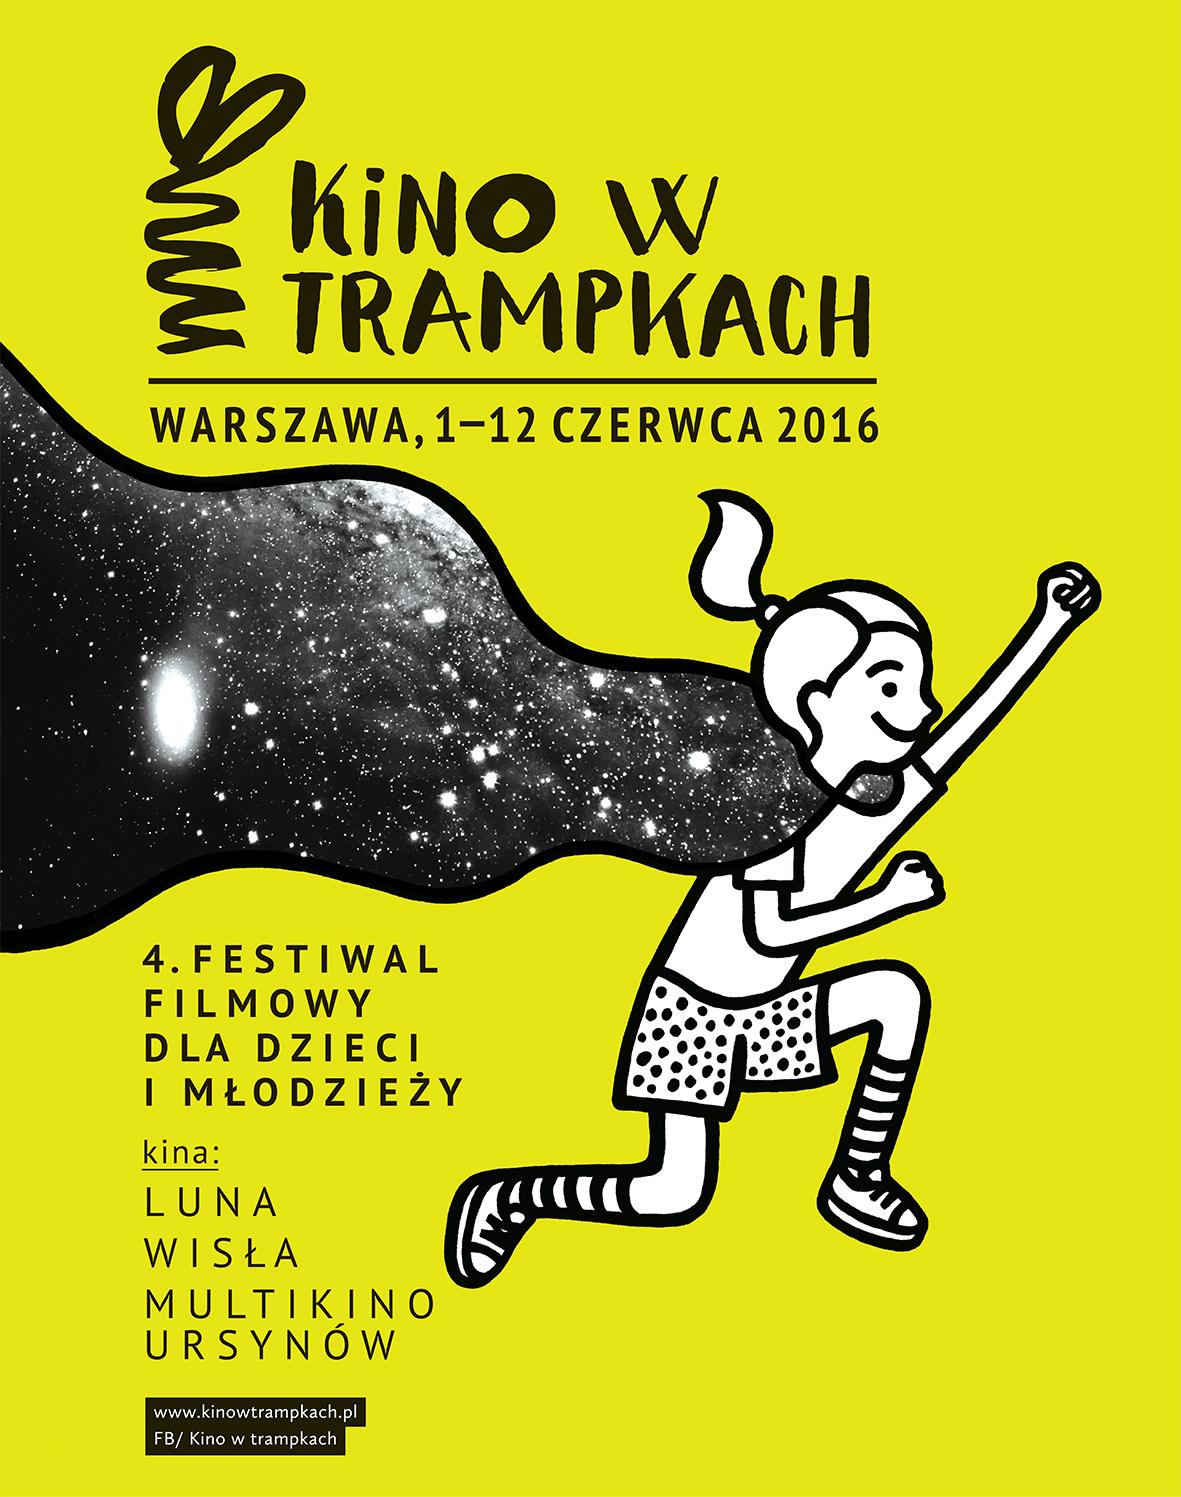 """Czwarta edycja festiwalu """"Kino w Trampkach"""" startuje już w dzień dziecka!"""